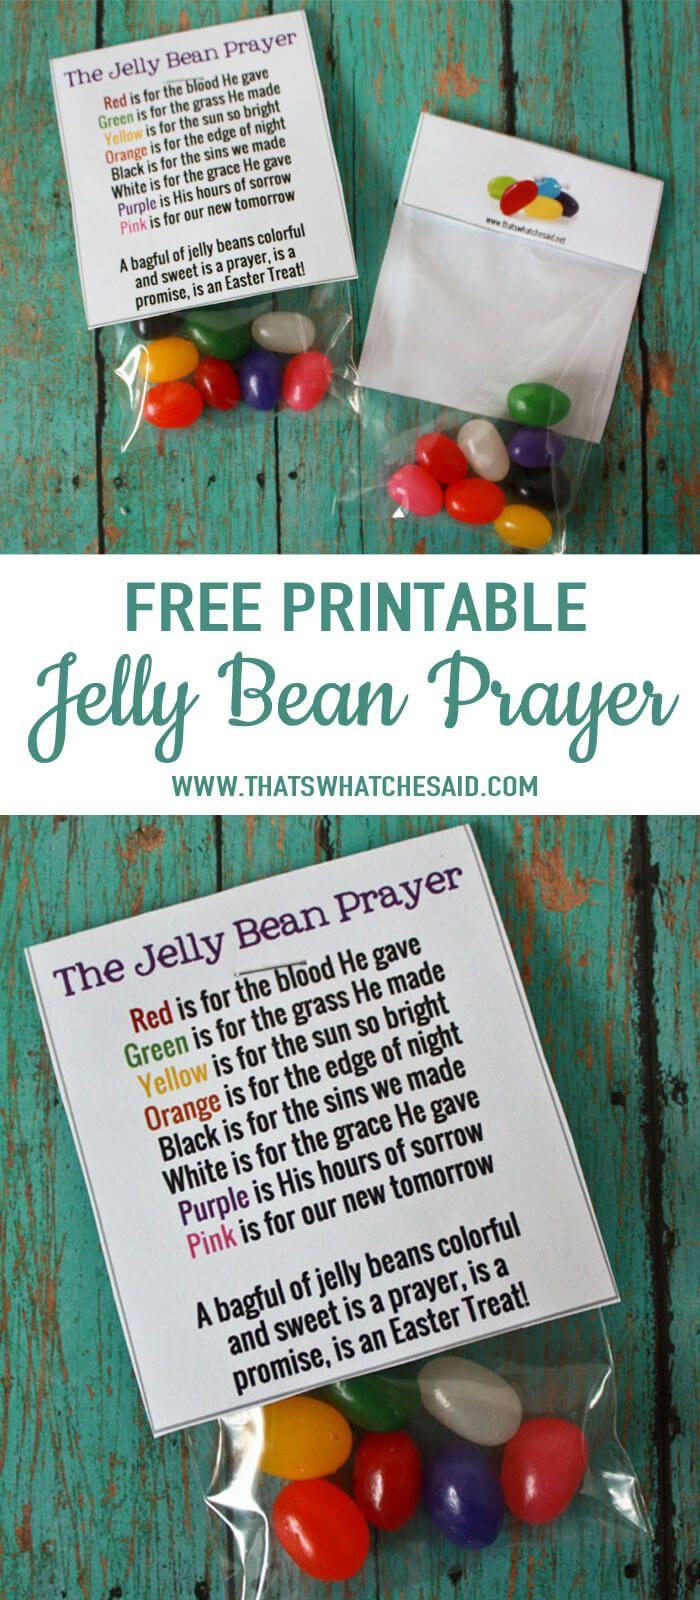 Free Jelly Bean Prayer Printable Treat Topper   Easter   Pinterest - Free Printable Easter Sermons